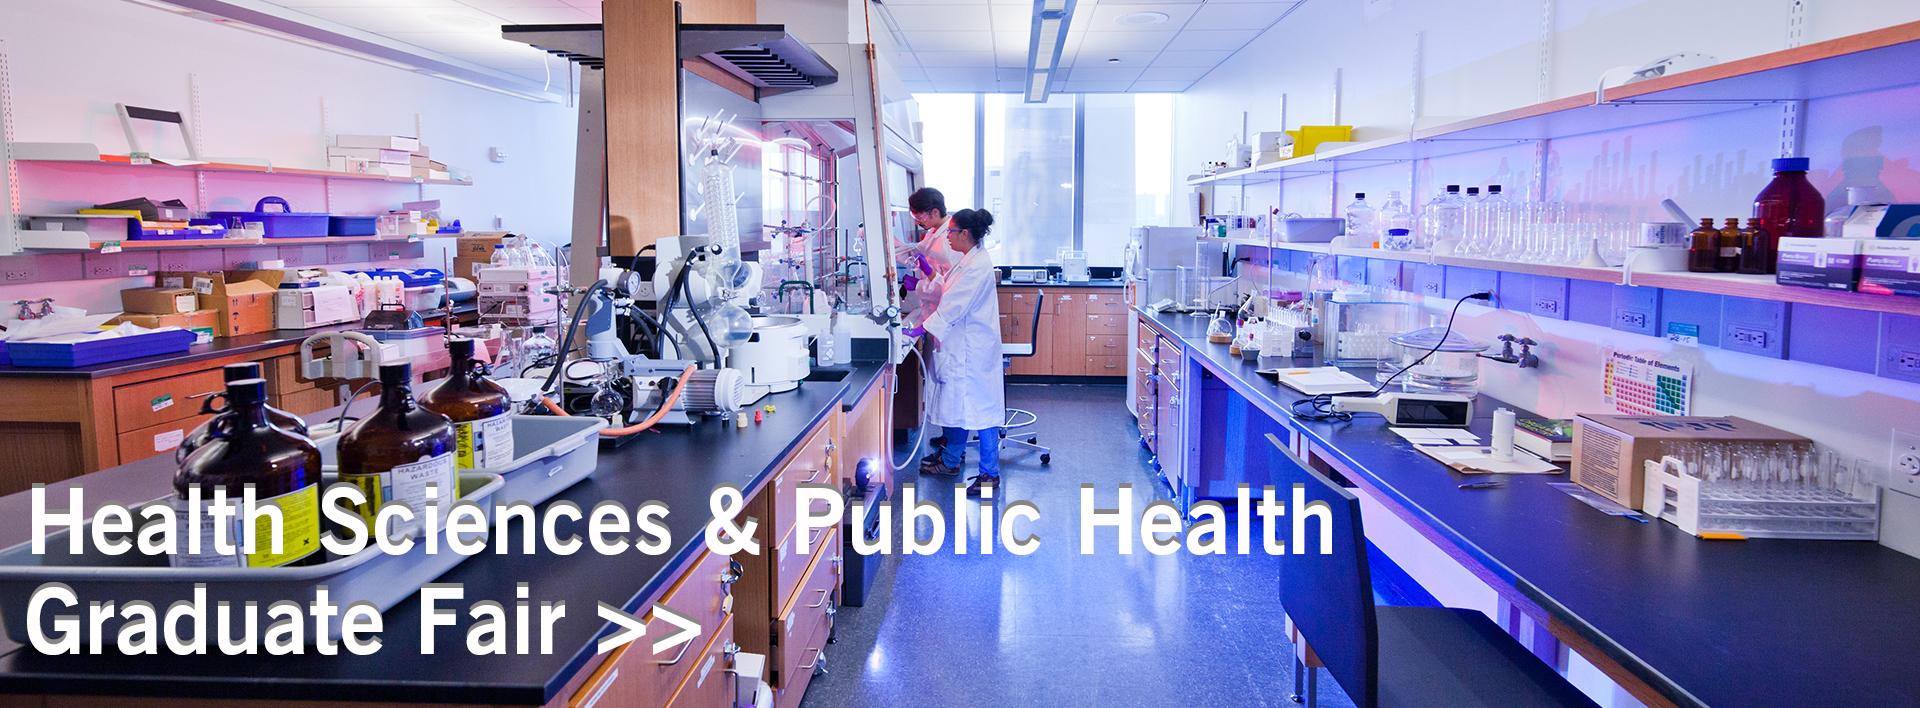 Banner for Health Sciences & Public Health Graduate Fair